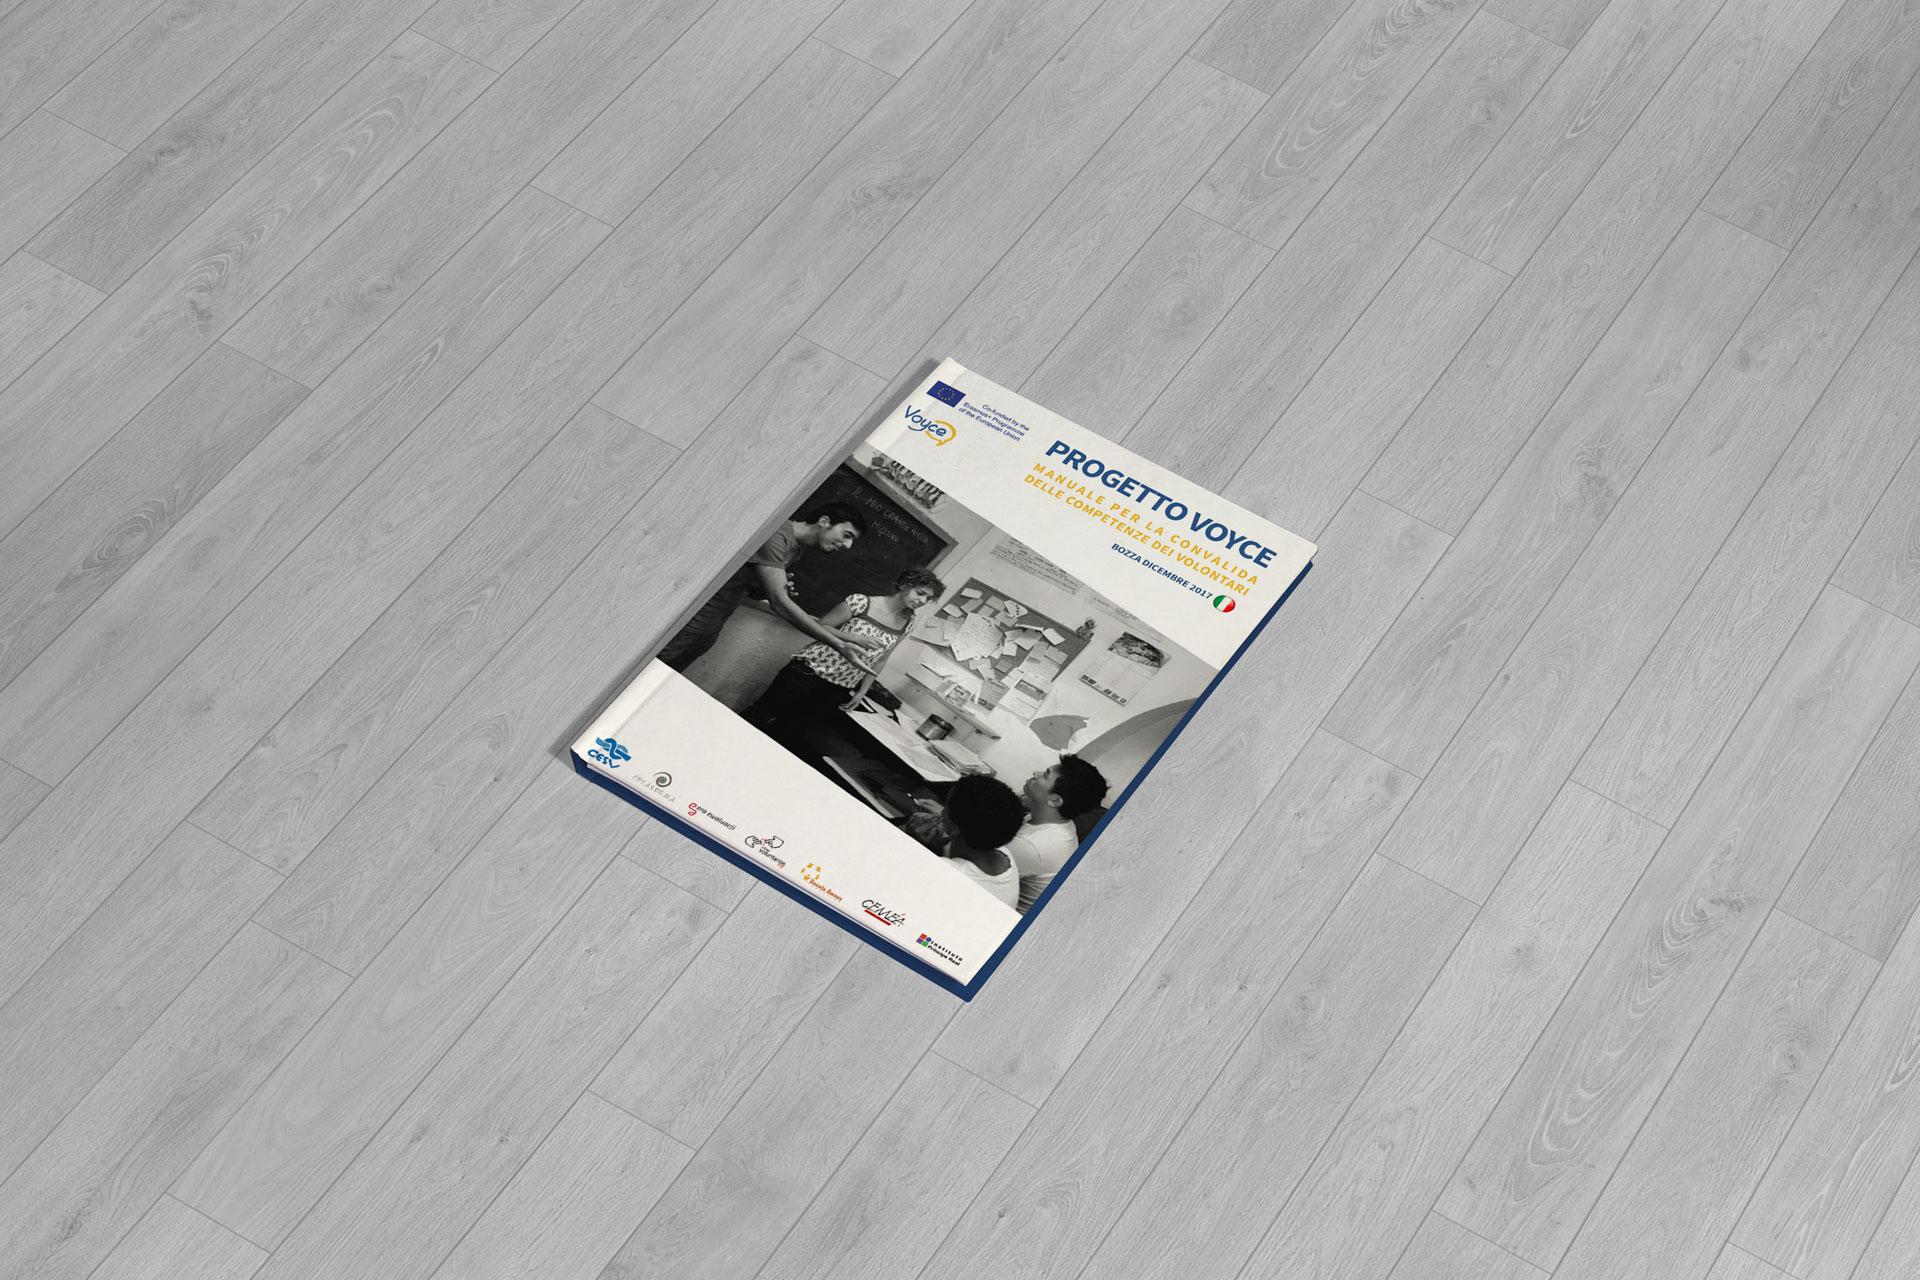 progetto the voyce-impaginazione-libro-impaginazione-grafica (1)